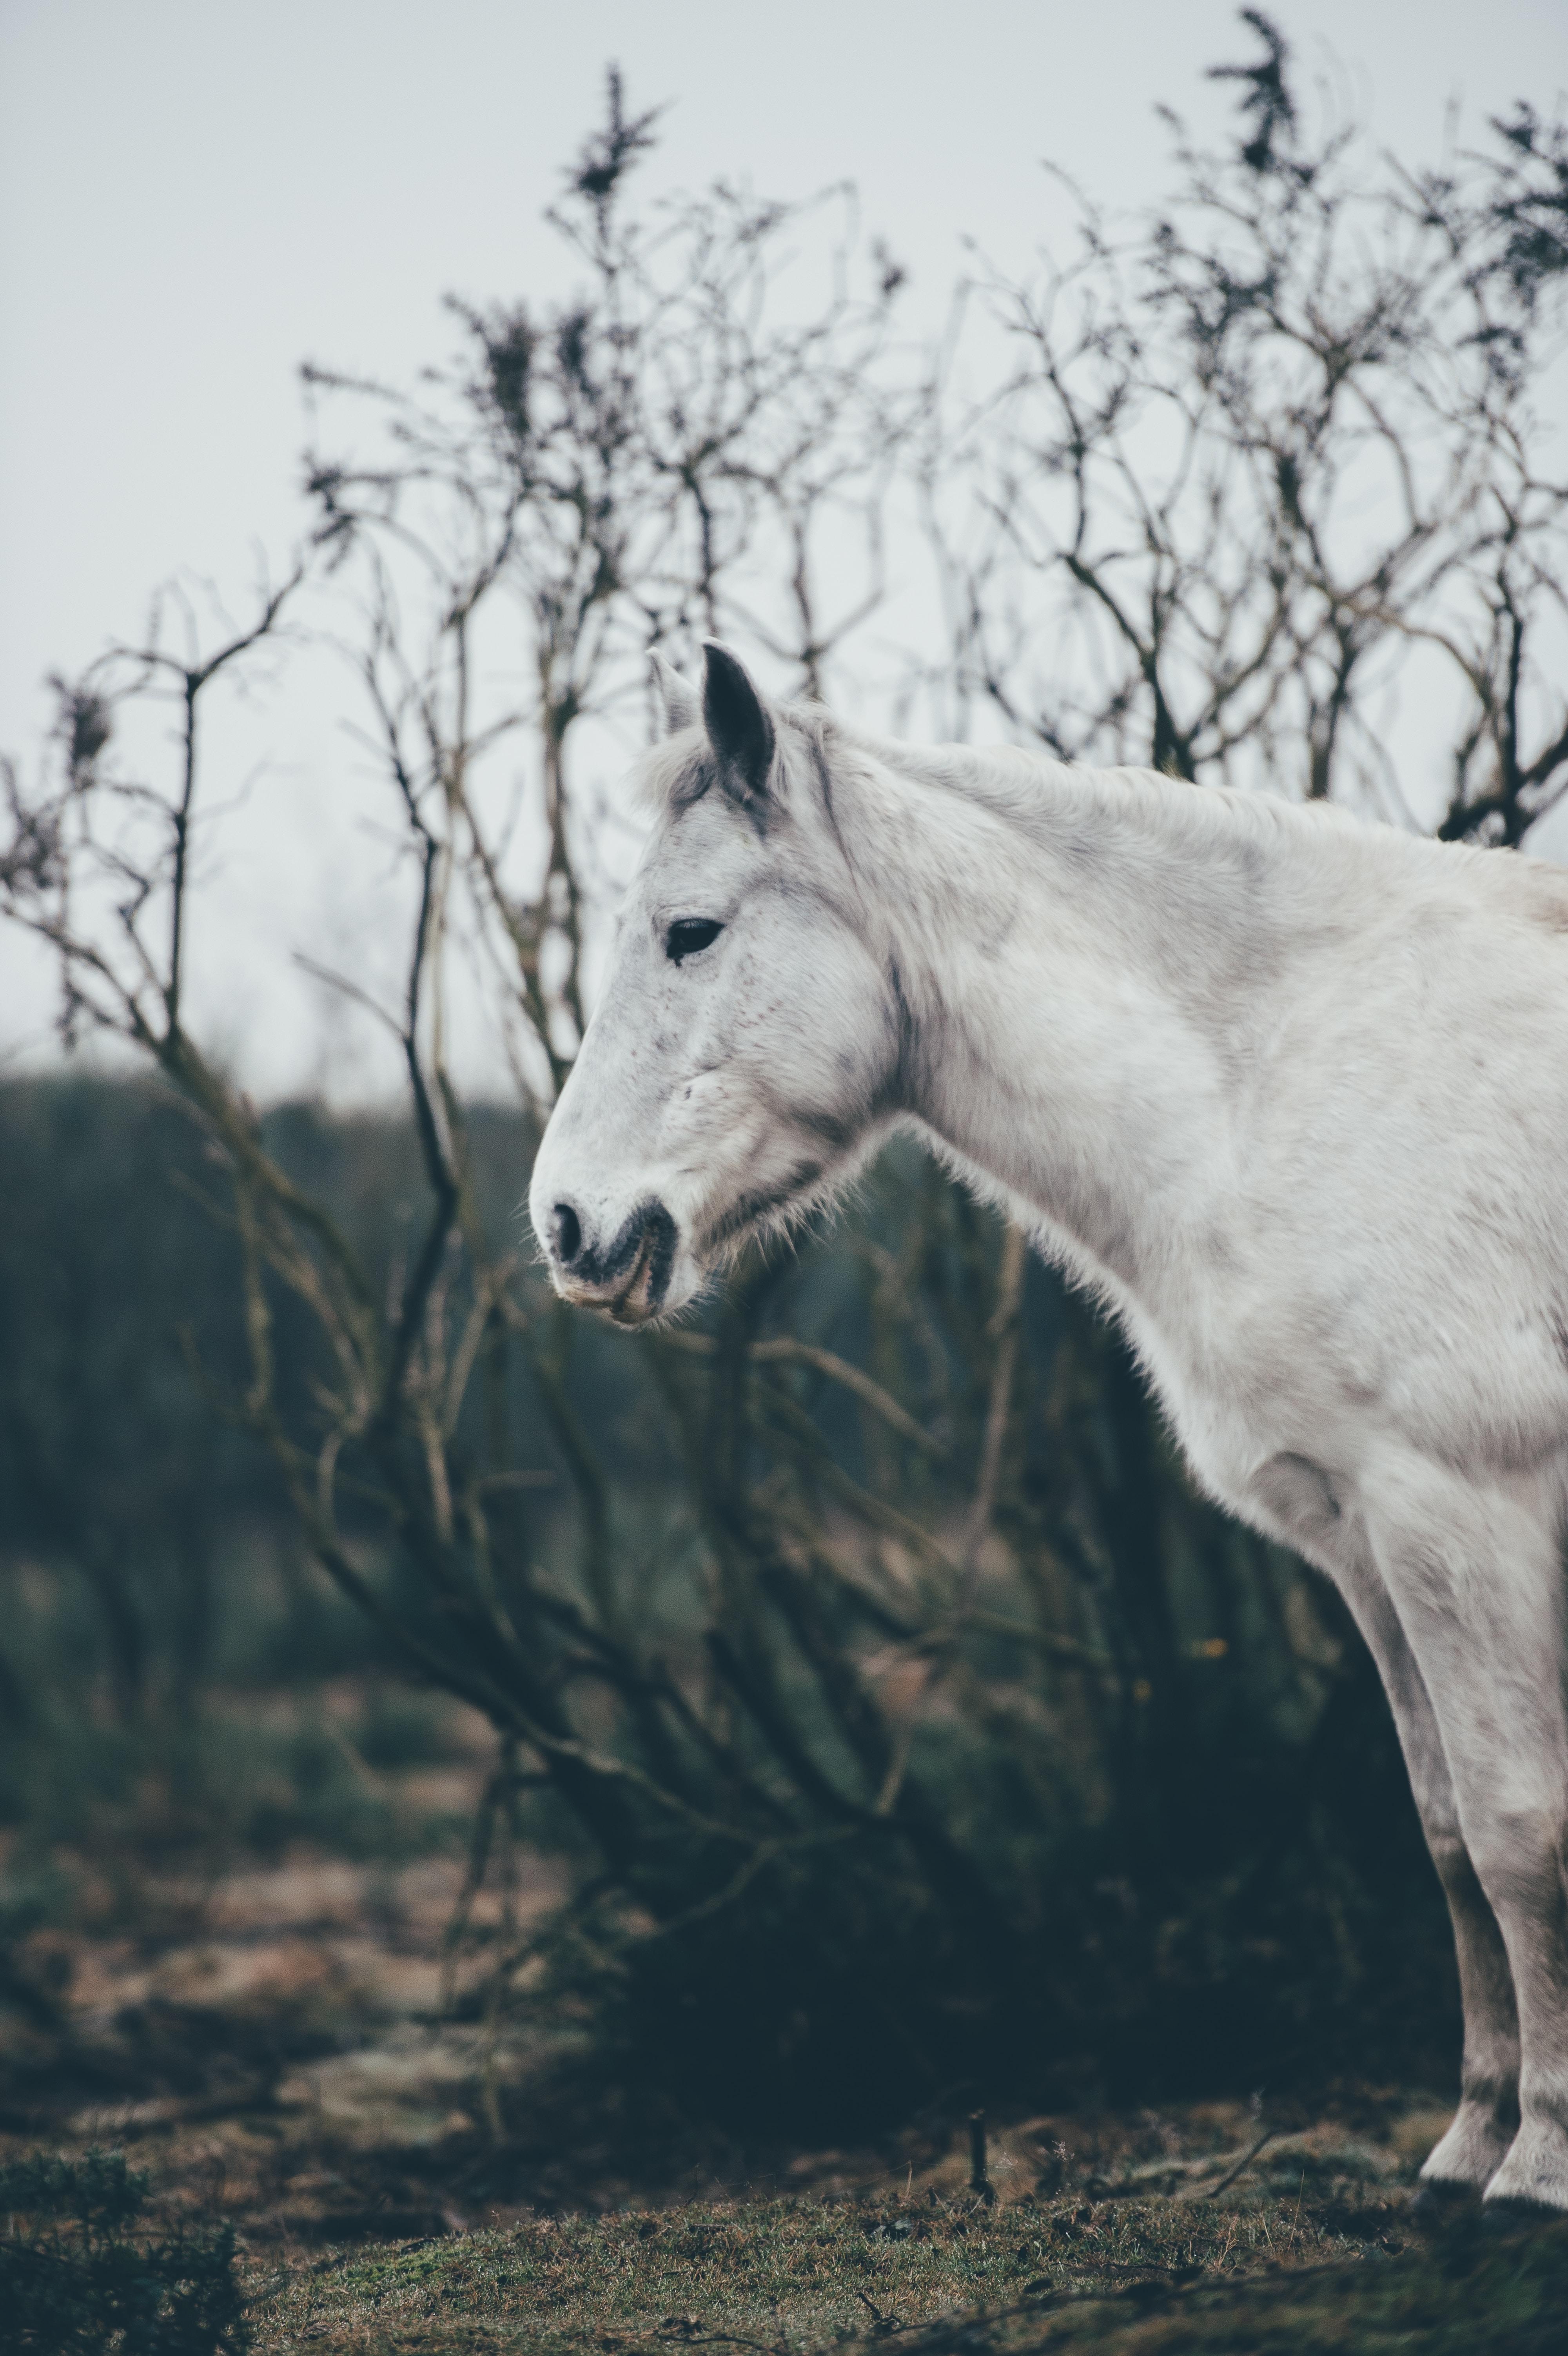 A white animal.